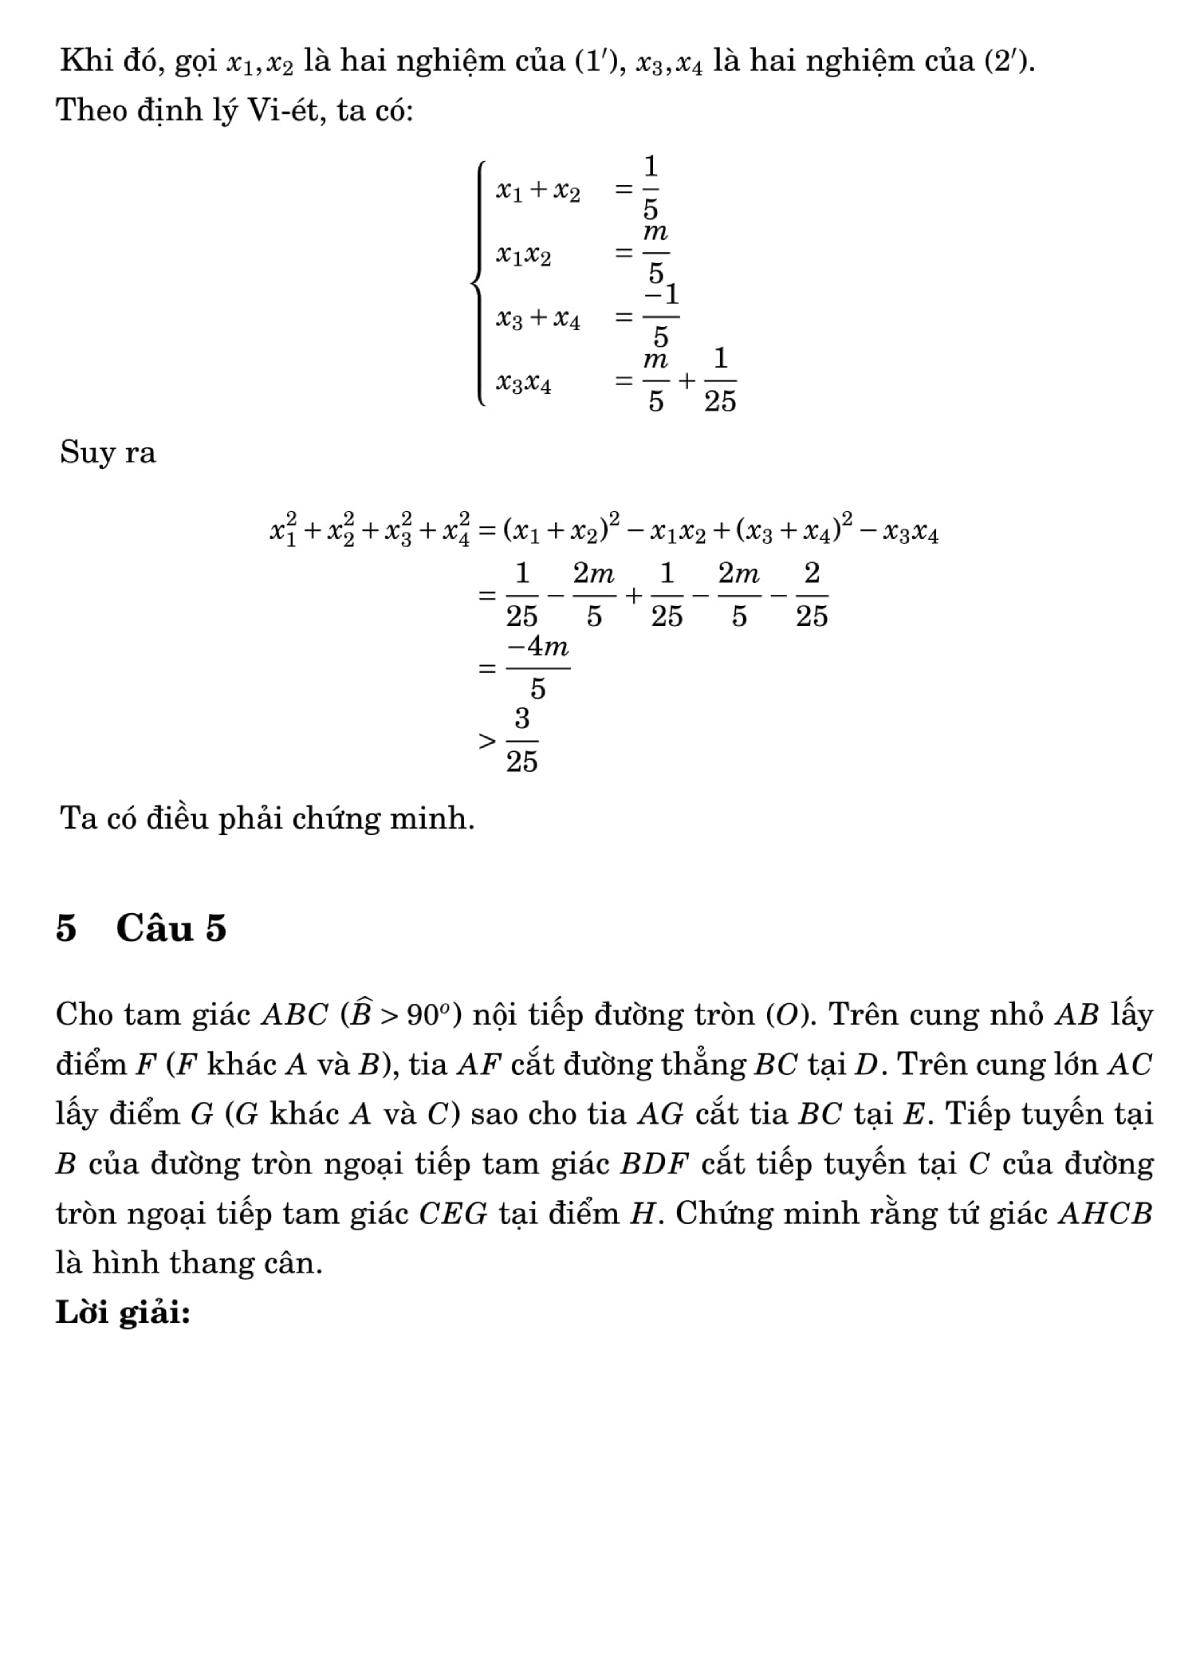 Giải đề Toán chuyên vào lớp 10 ở Đà Nẵng - 6